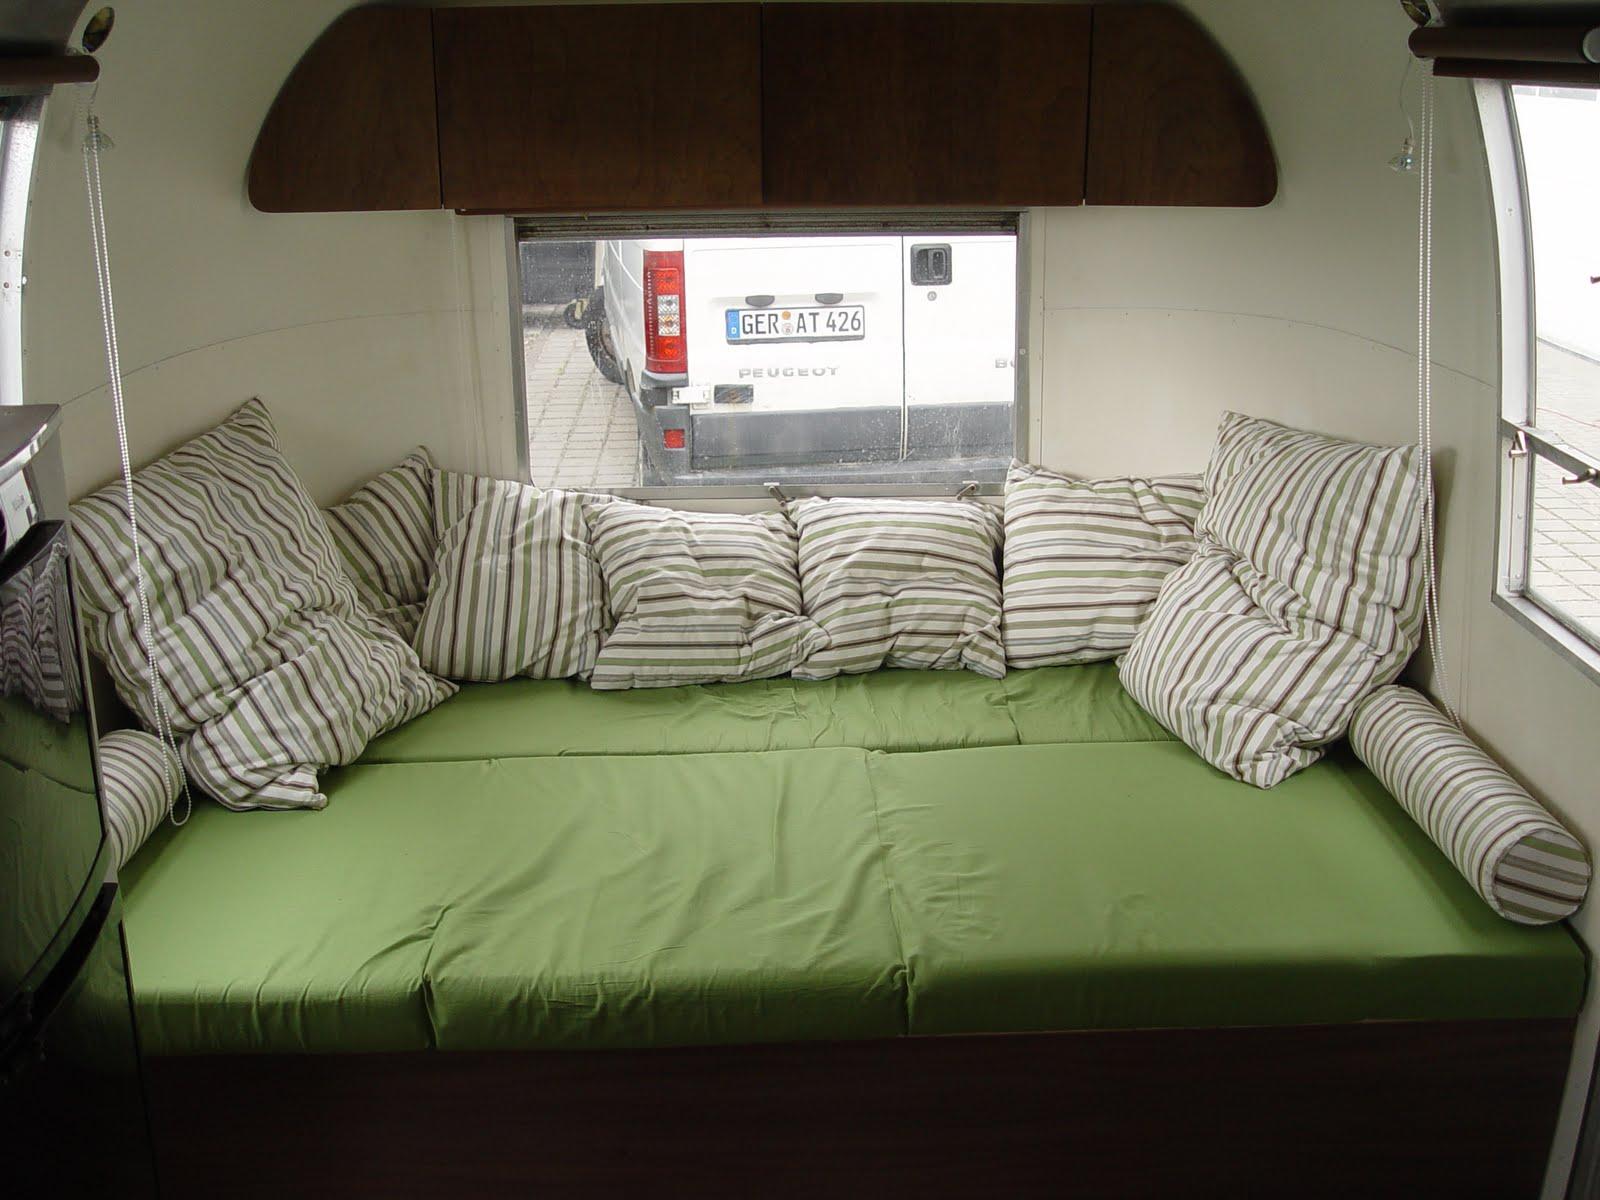 airstream renovieren page 5 einbauberichte von zubeh r restaurierungen reparaturen. Black Bedroom Furniture Sets. Home Design Ideas